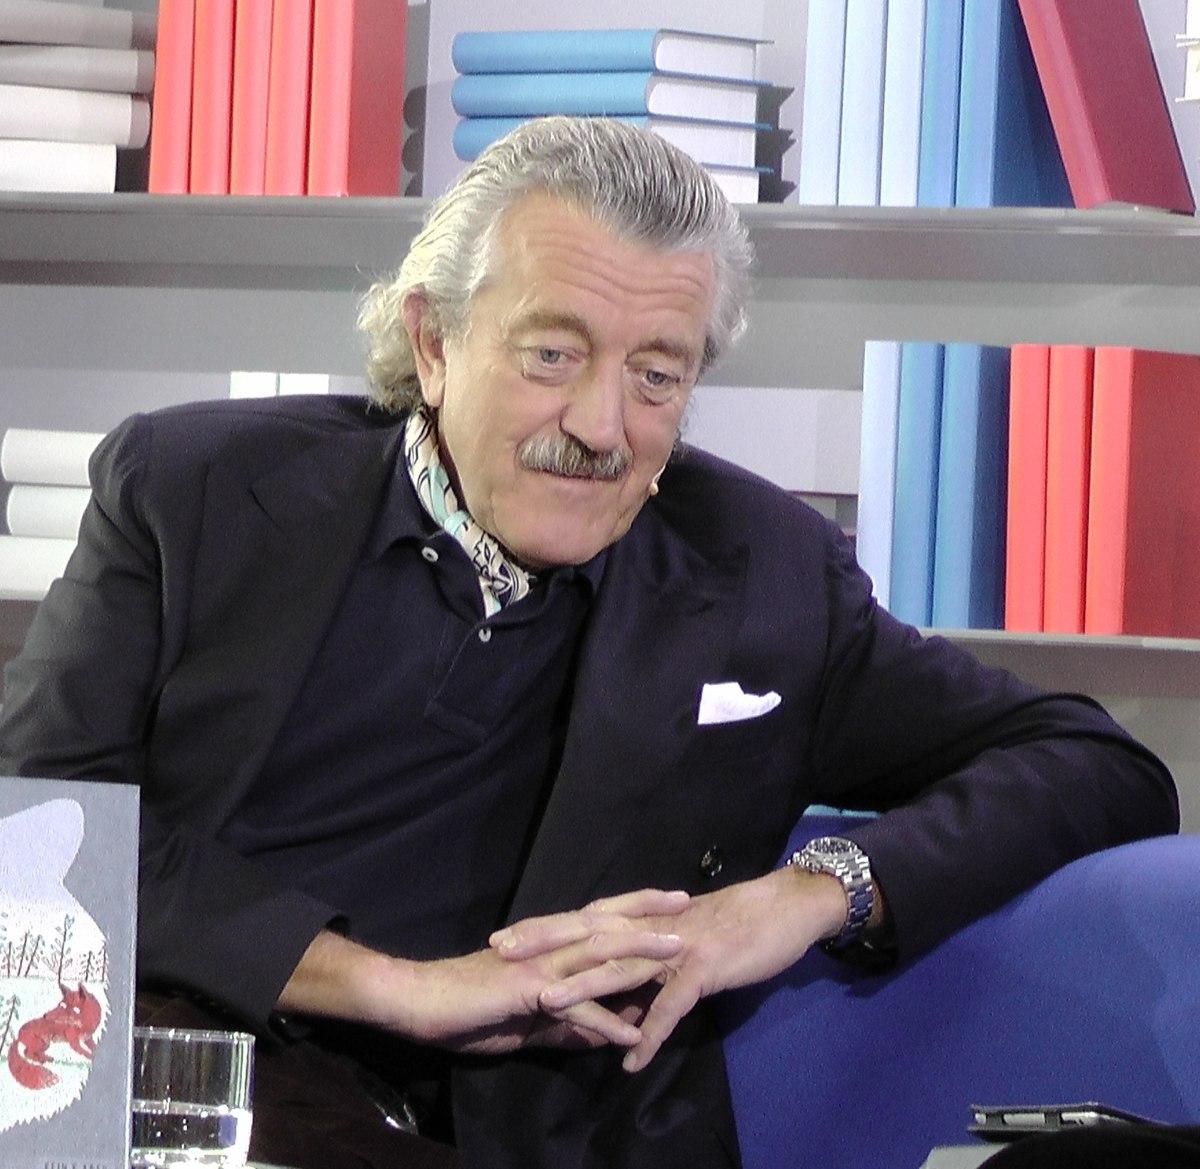 Dieter Meier Wikipedia